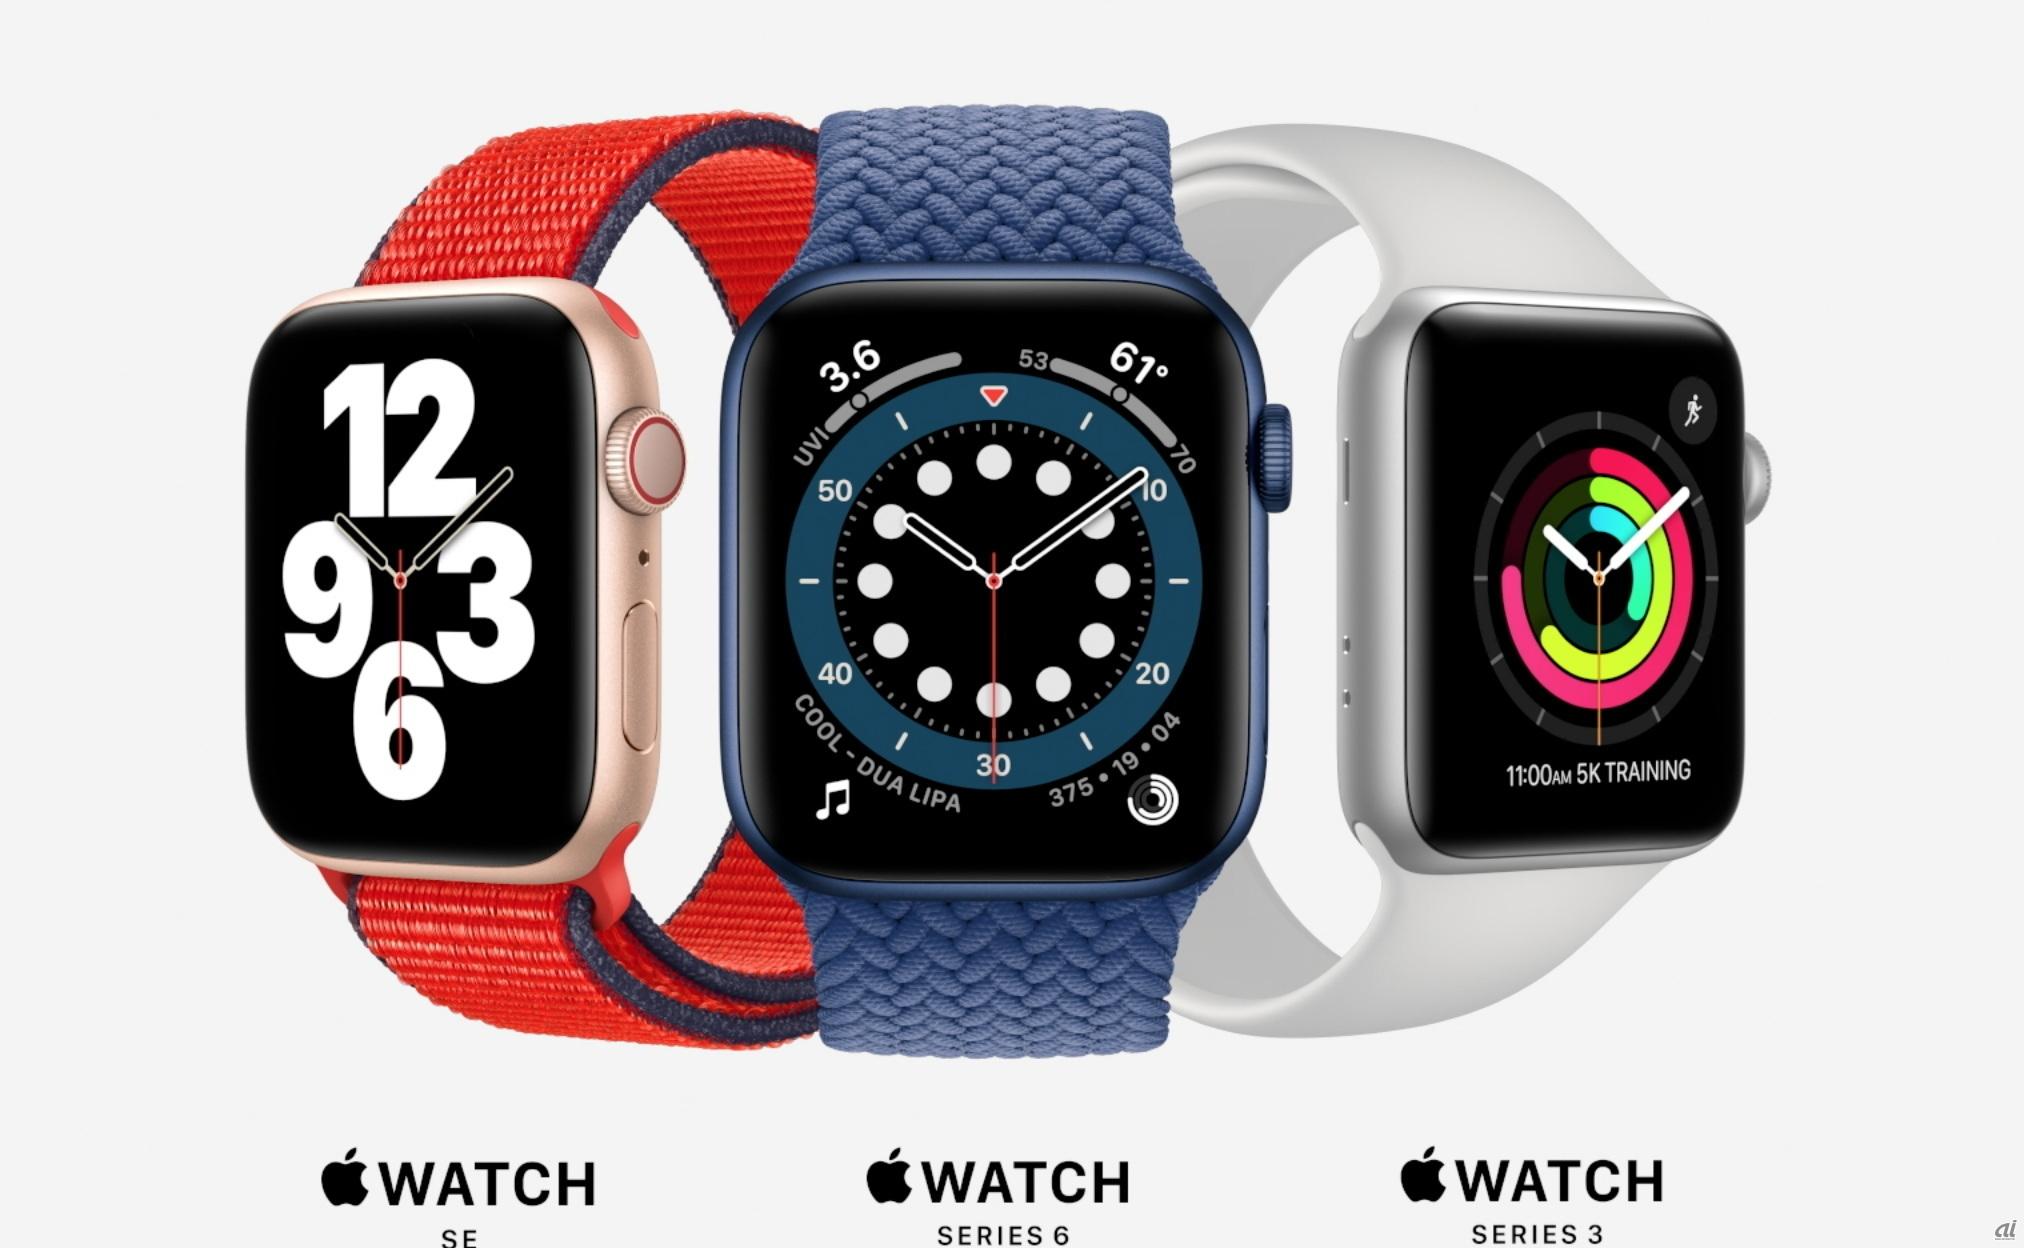 新たに発表されたApple Watch SE(左)とApple Watch Series 6(中央)、2万円を切るApple Watch Series 3(右)が現行ラインアップとなる